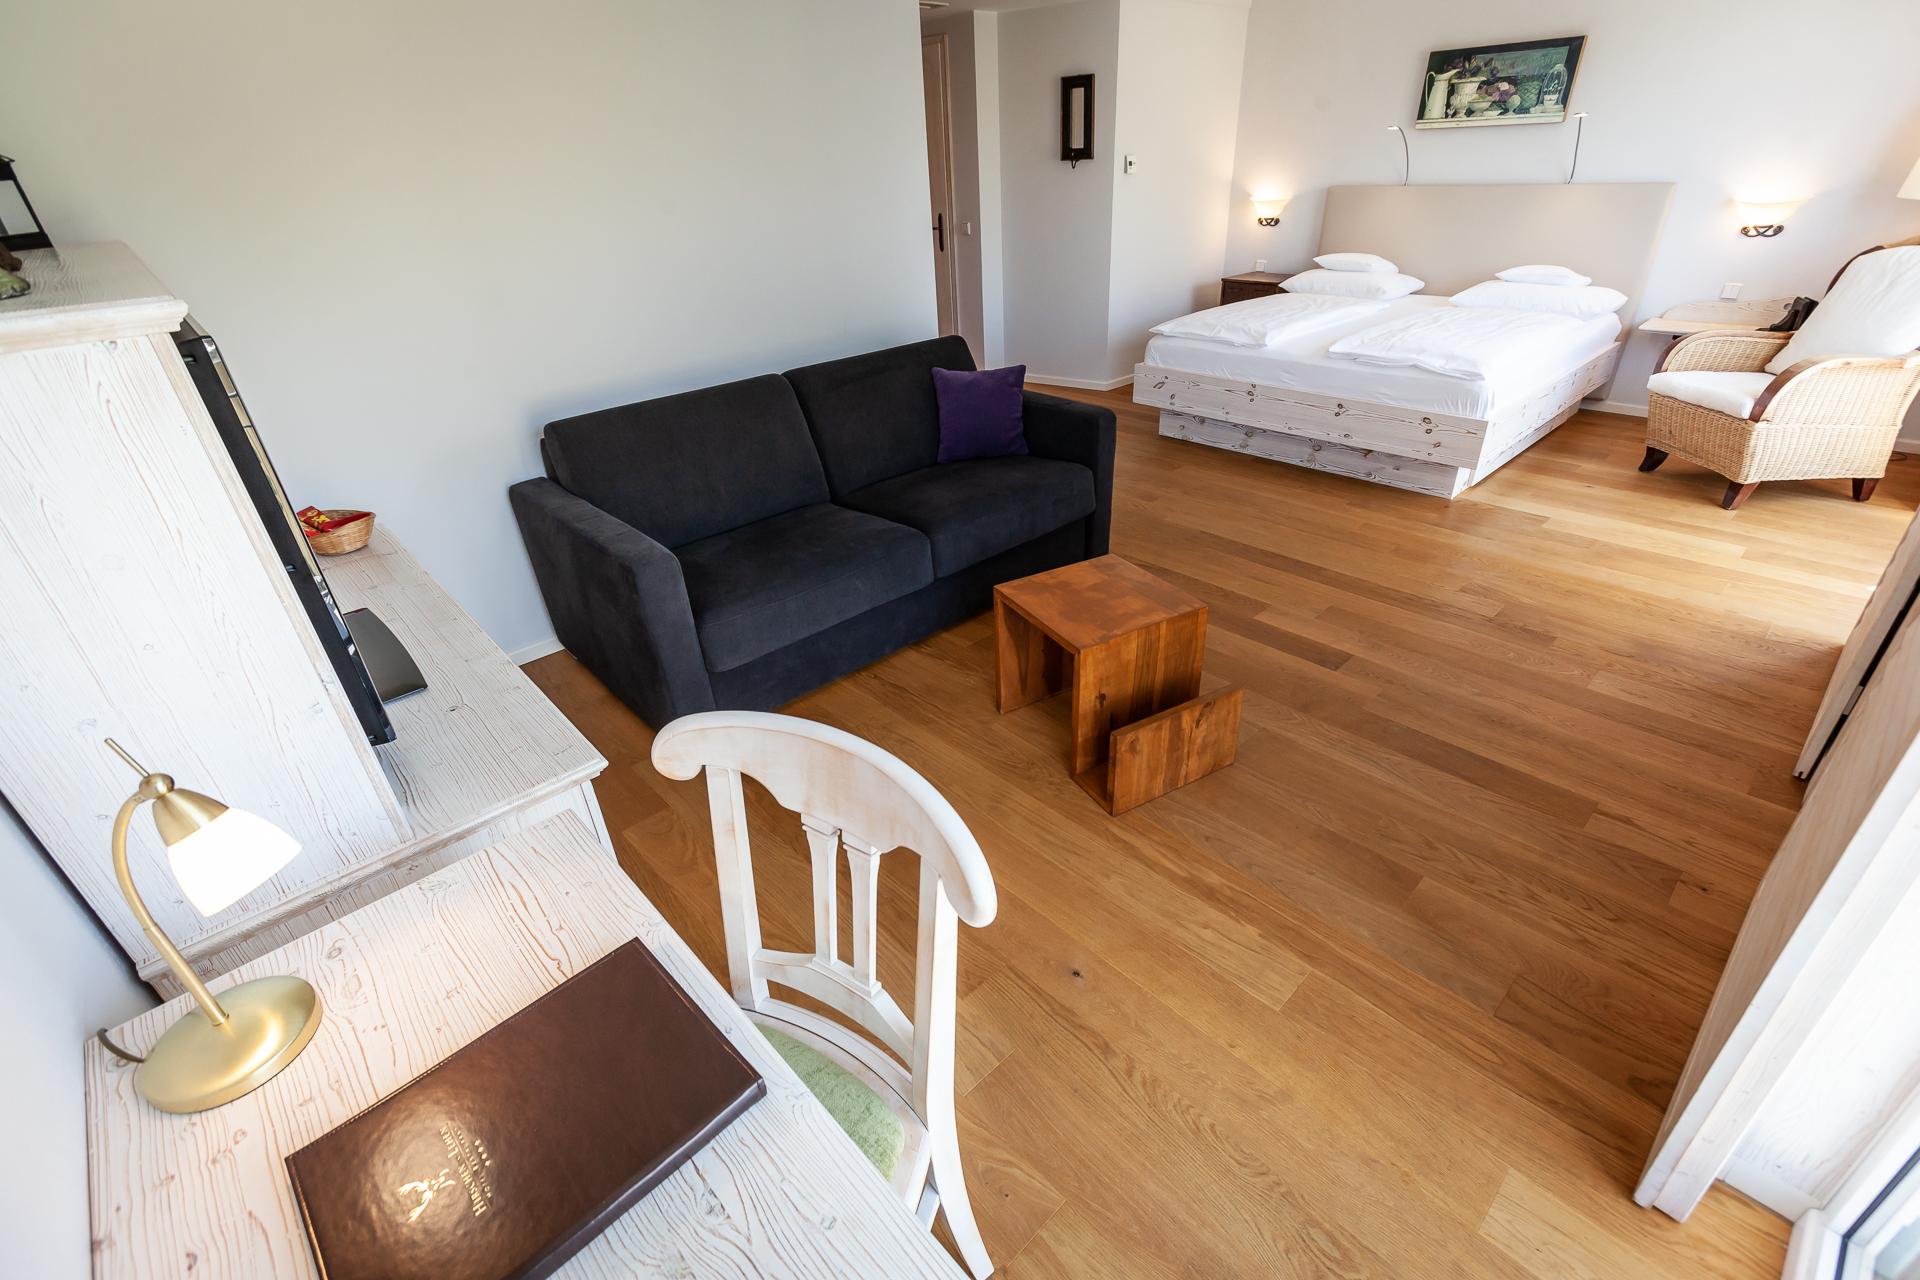 juniorsuite baumgartner gastst tten betriebe gmbh. Black Bedroom Furniture Sets. Home Design Ideas